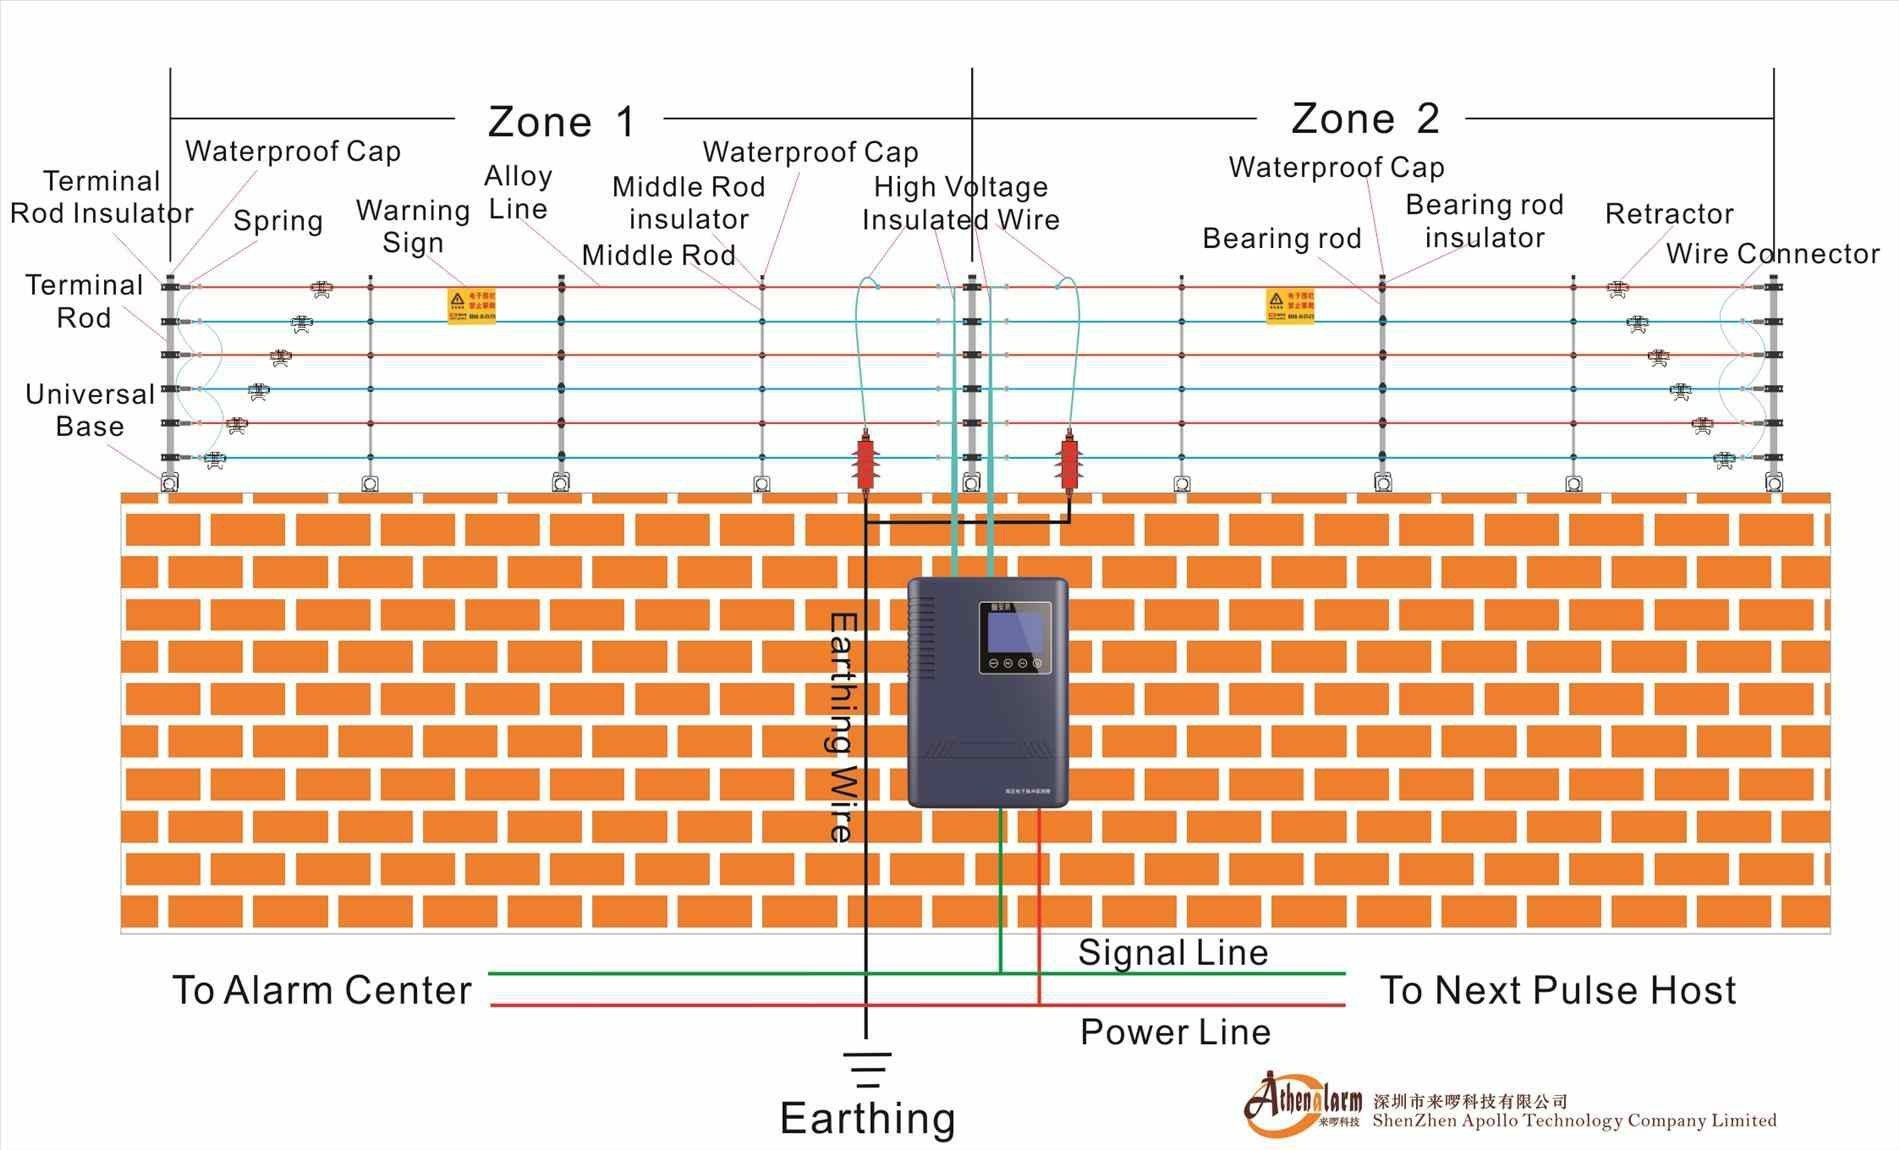 Unique Wiring Diagram Electric Gates Diagram Diagramsample Diagramtemplate Wiringdiagram Diagramchart Worksh Electric Gates Diagram Chart Wire Connectors